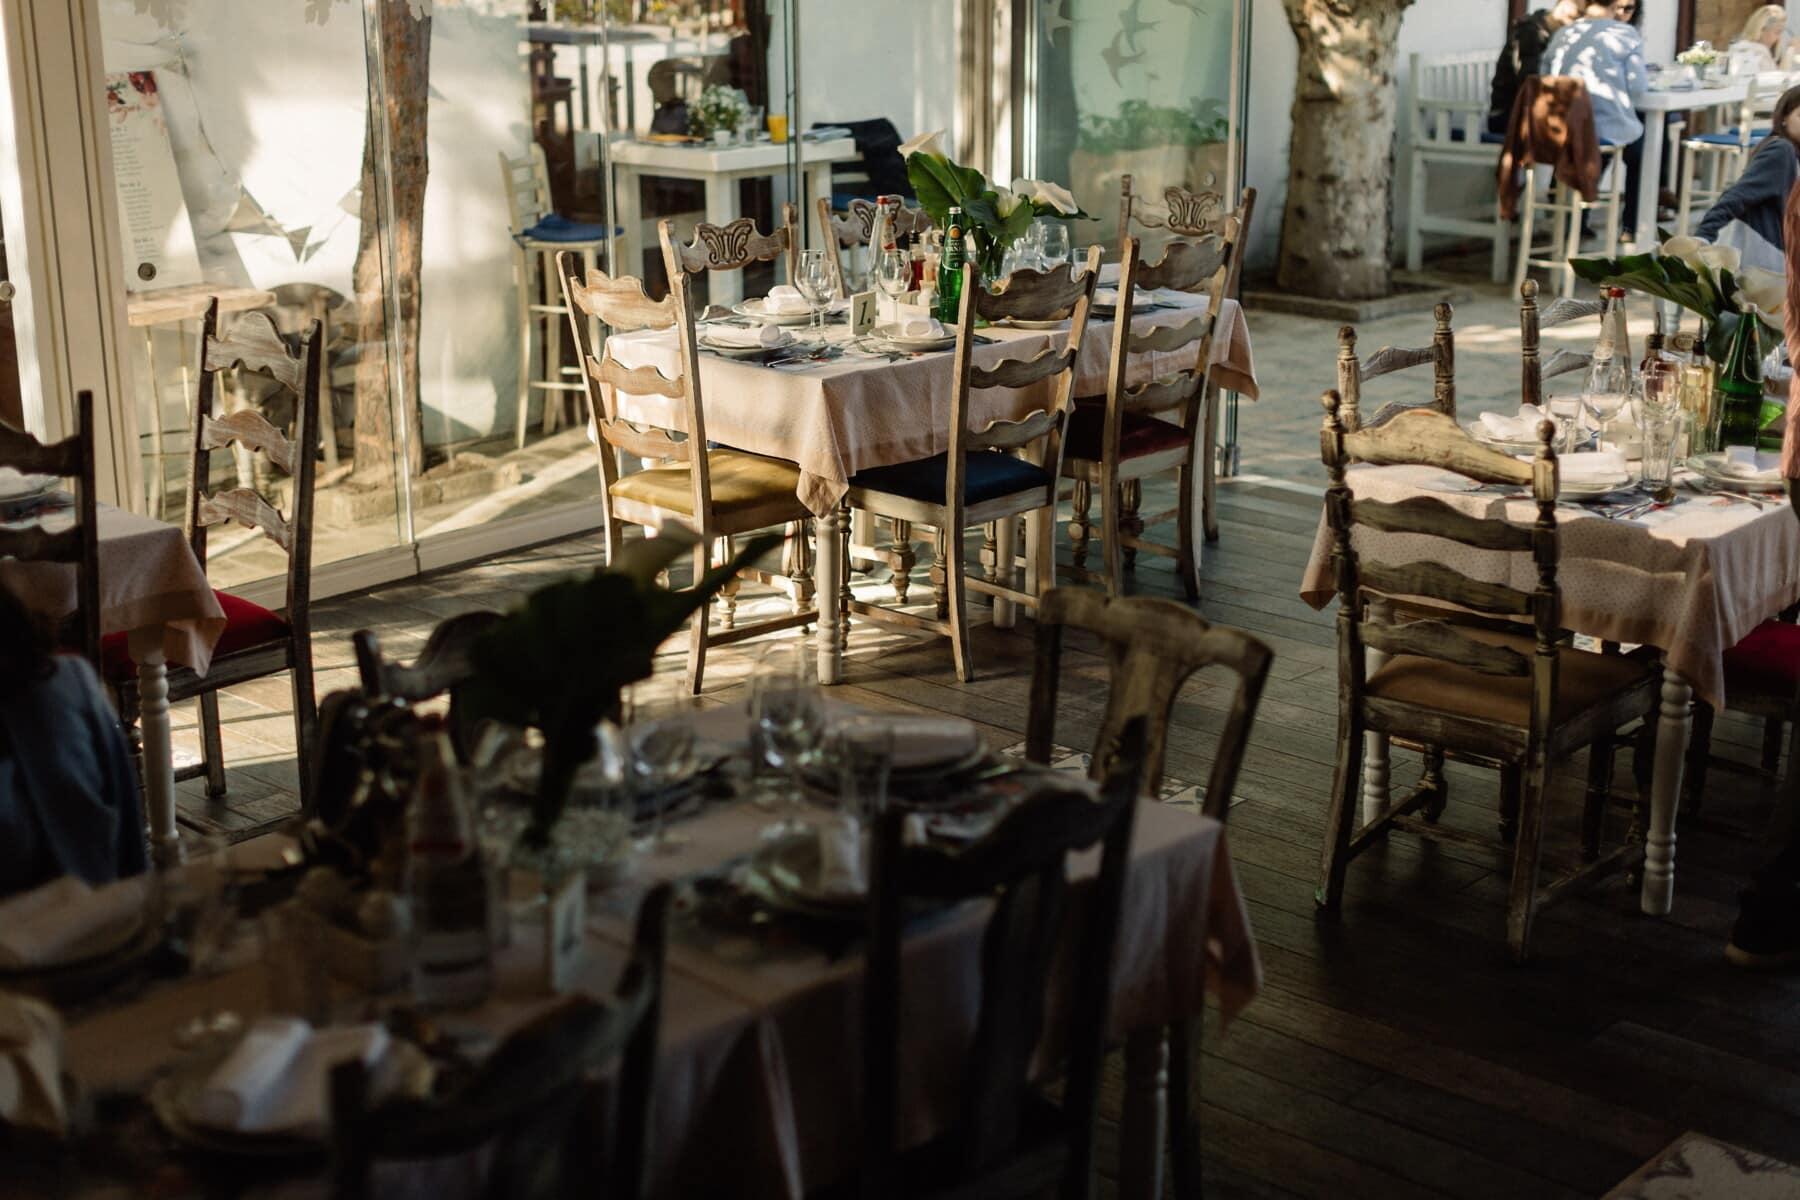 vintage, restaurant, vinicole, chaise, vaisselle, siège, à manger, chambre, table, meubles